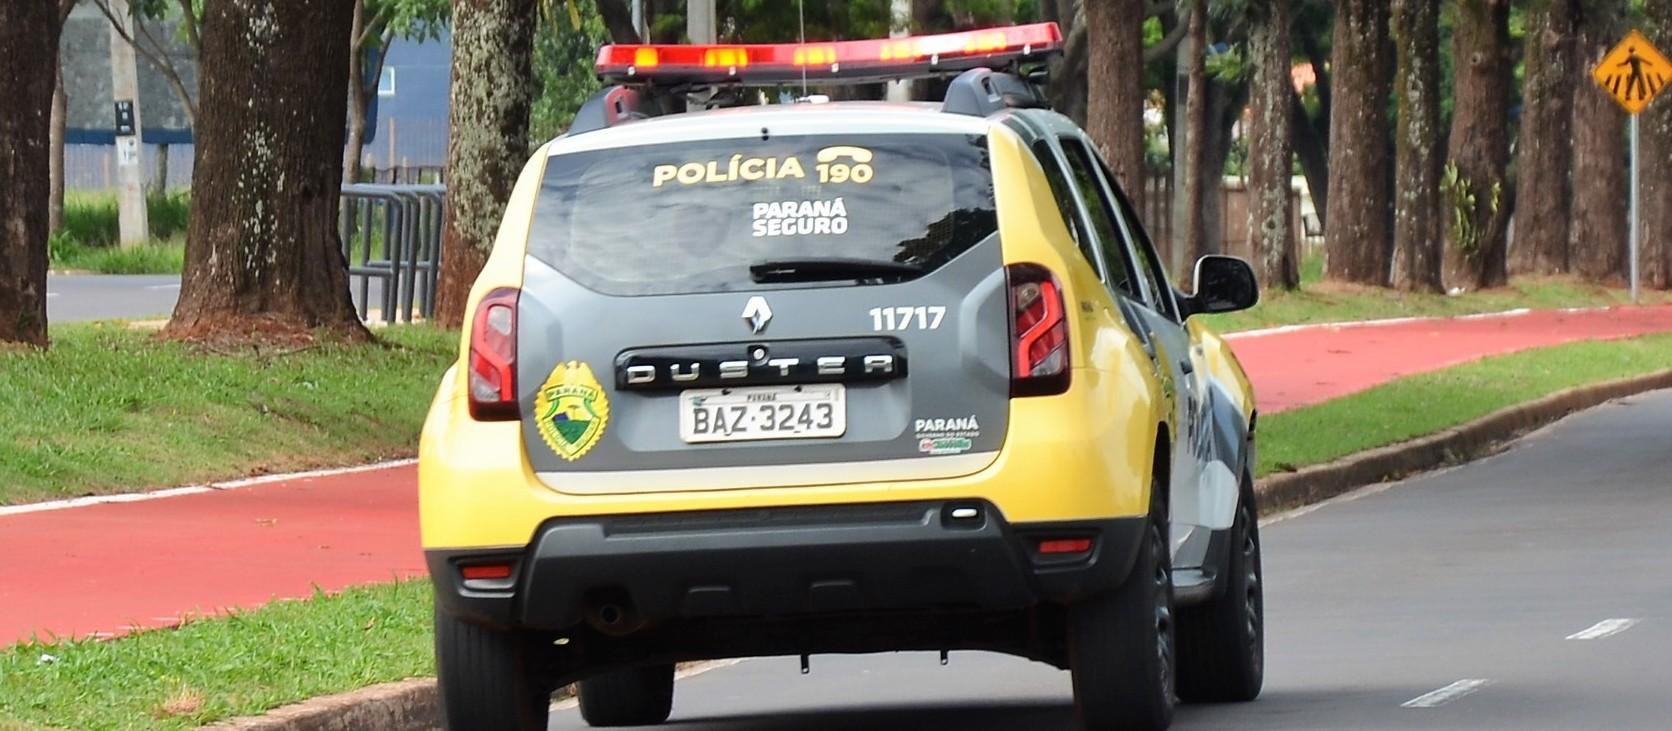 Rapaz furta veículo em colégio militar e é preso após perseguição